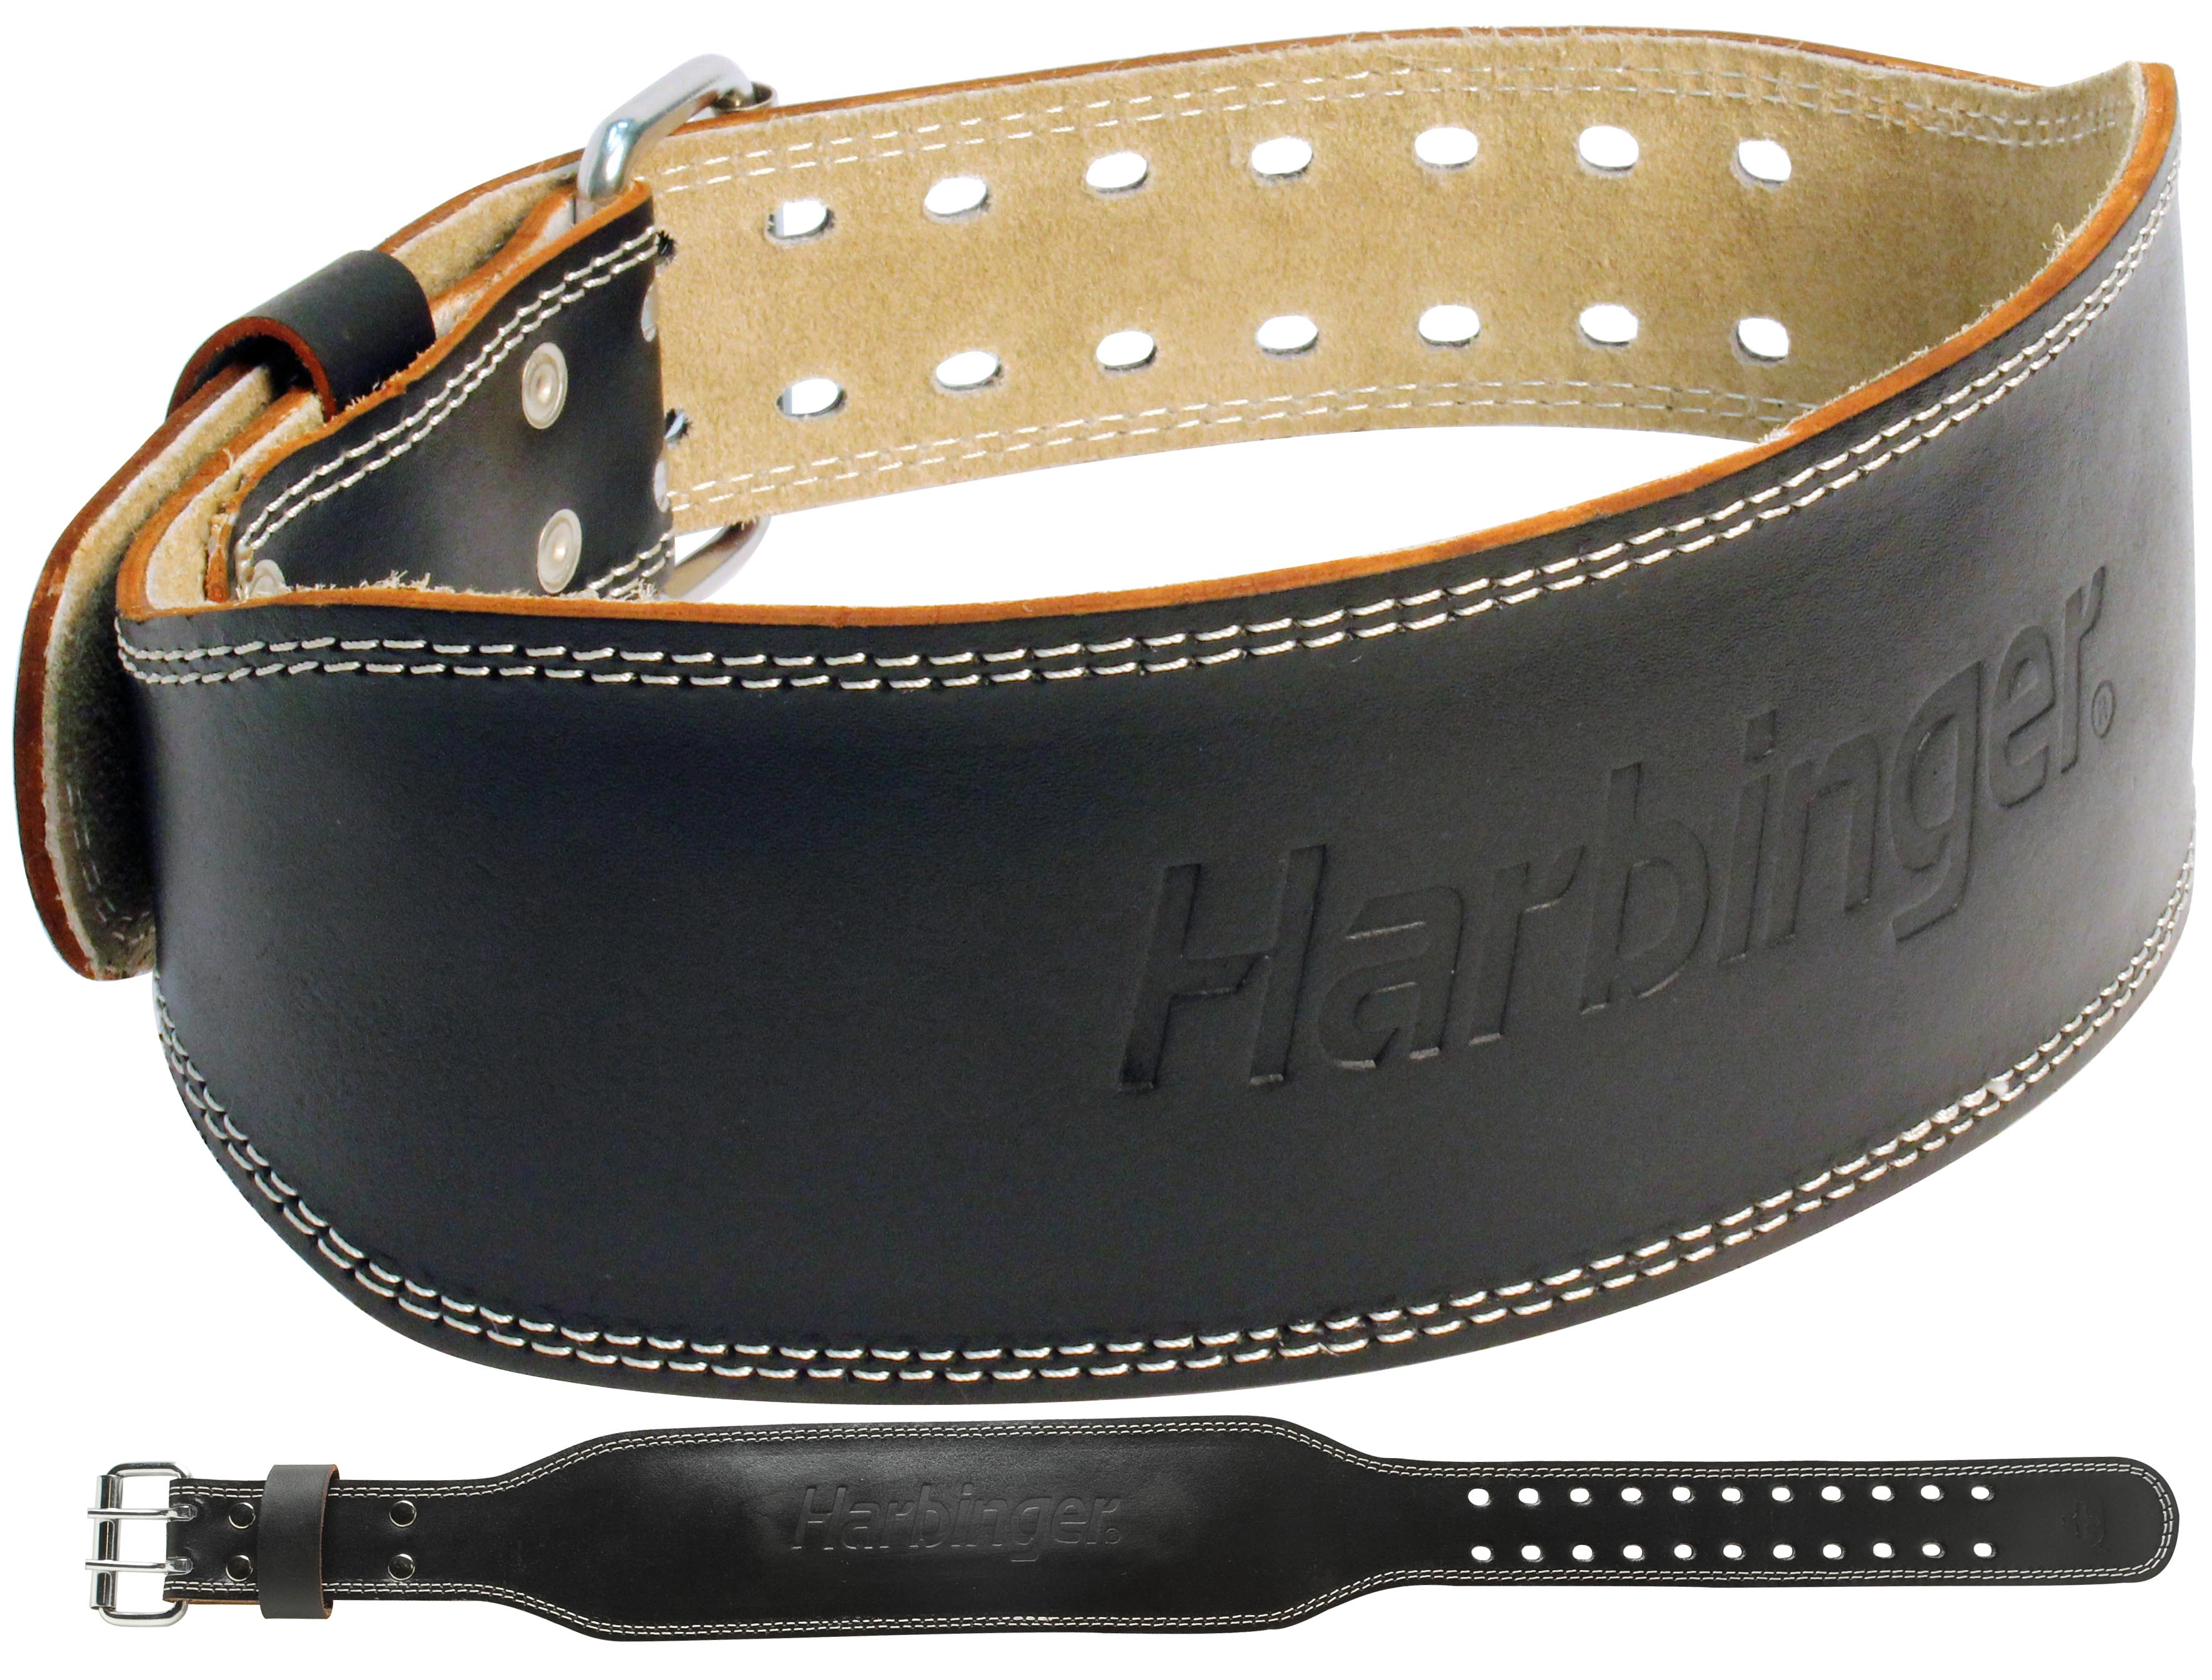 Harbinger Fitness Harbinger 4 Inch Padded Leather Belt - S